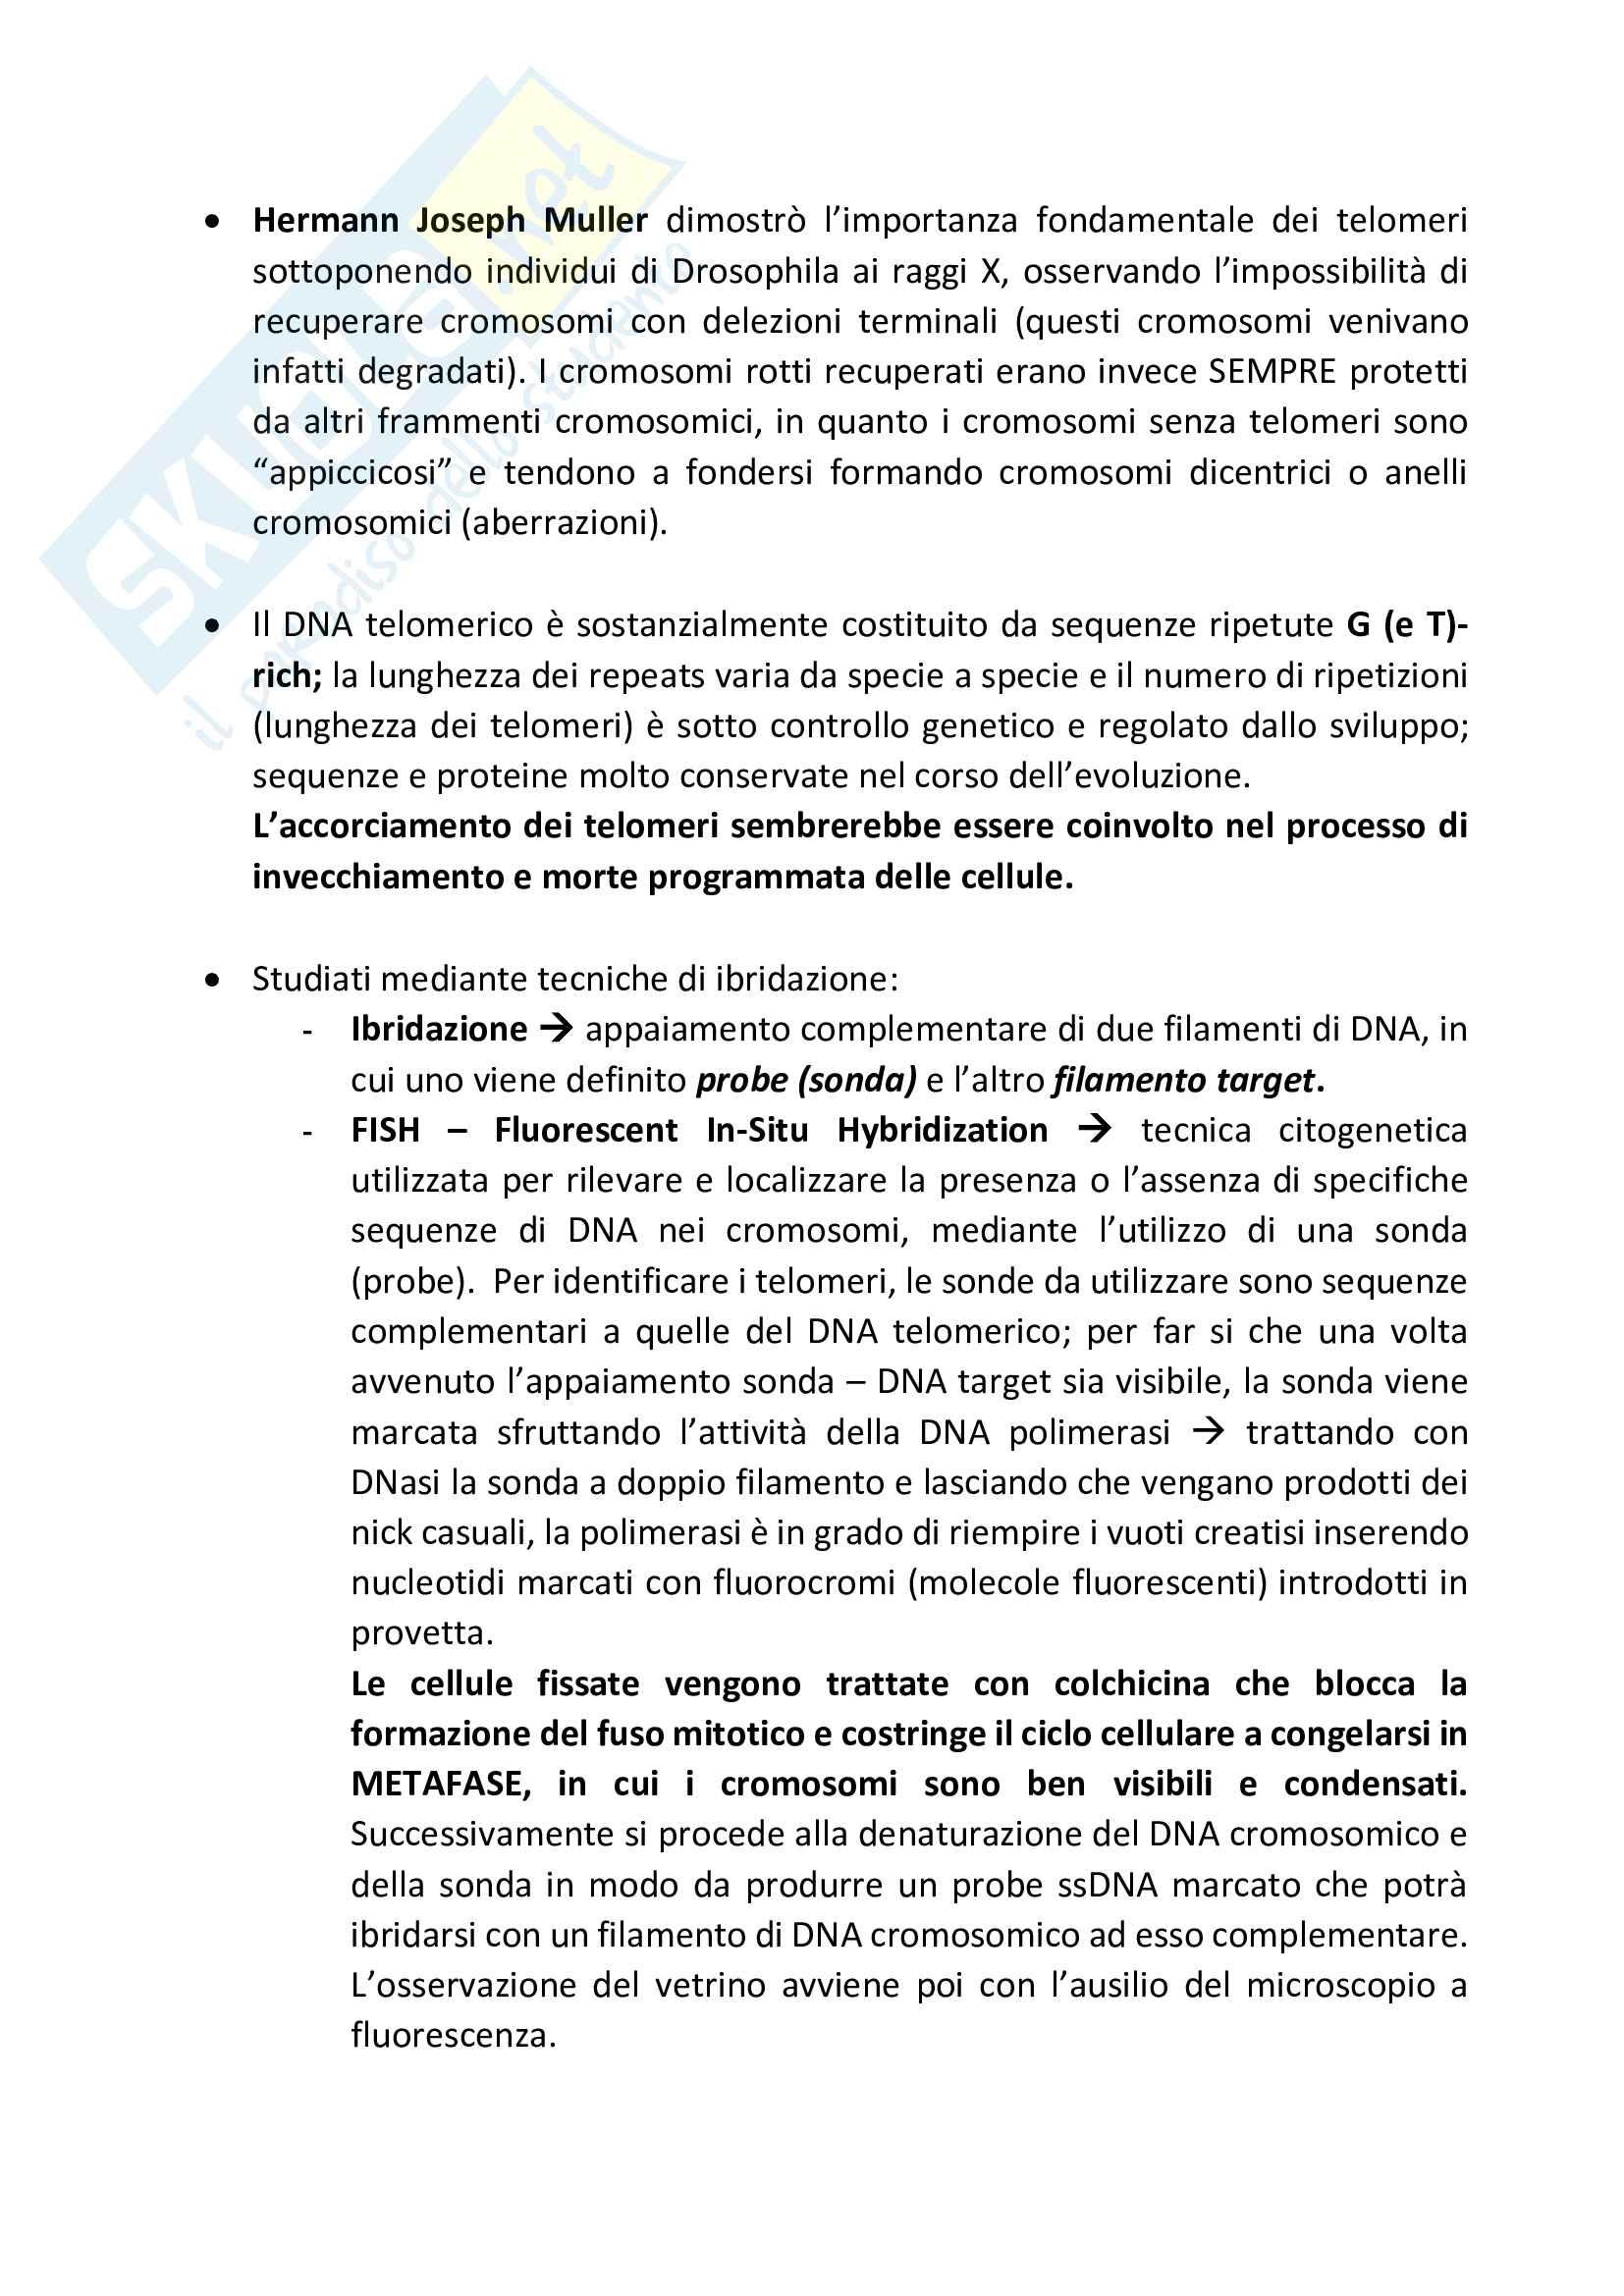 Ingegneria genetica - dal genoma alle moderne tecniche di manipolazione Pag. 26